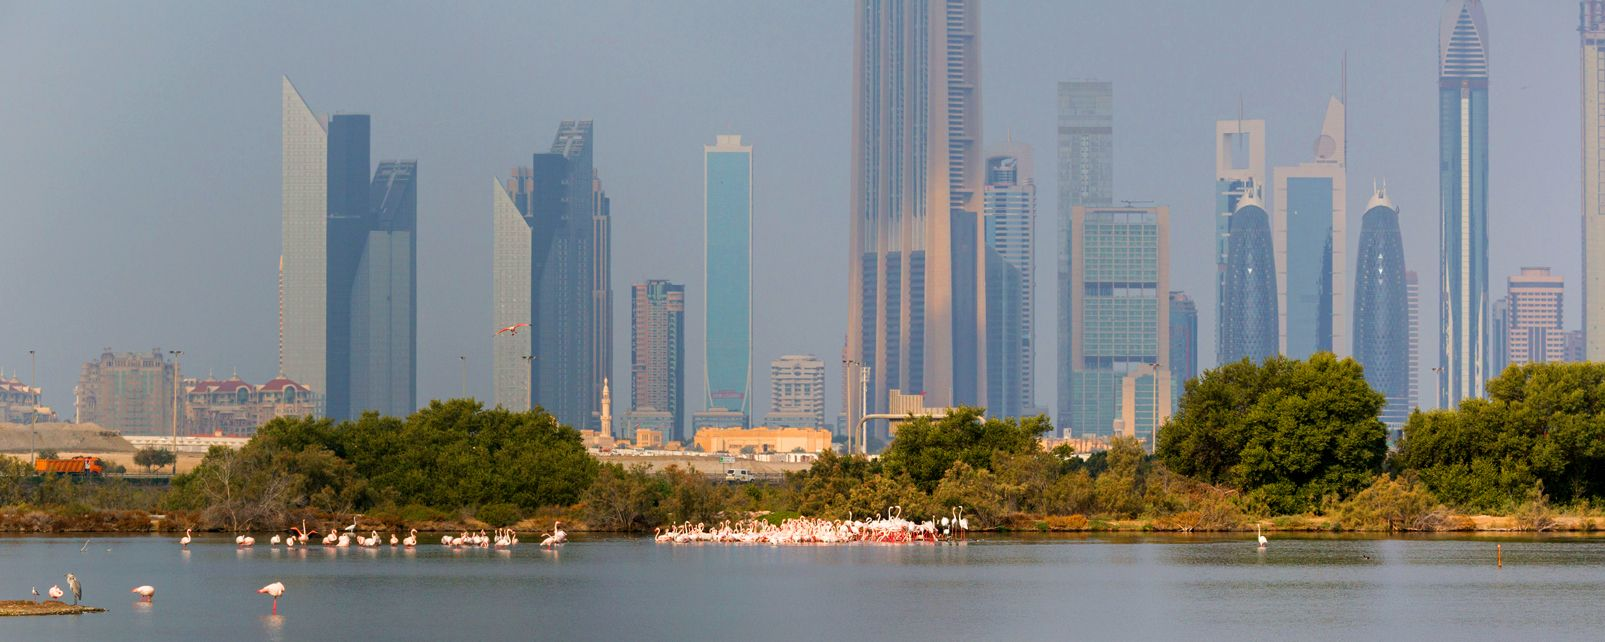 La ciudad costera de Al-Khor